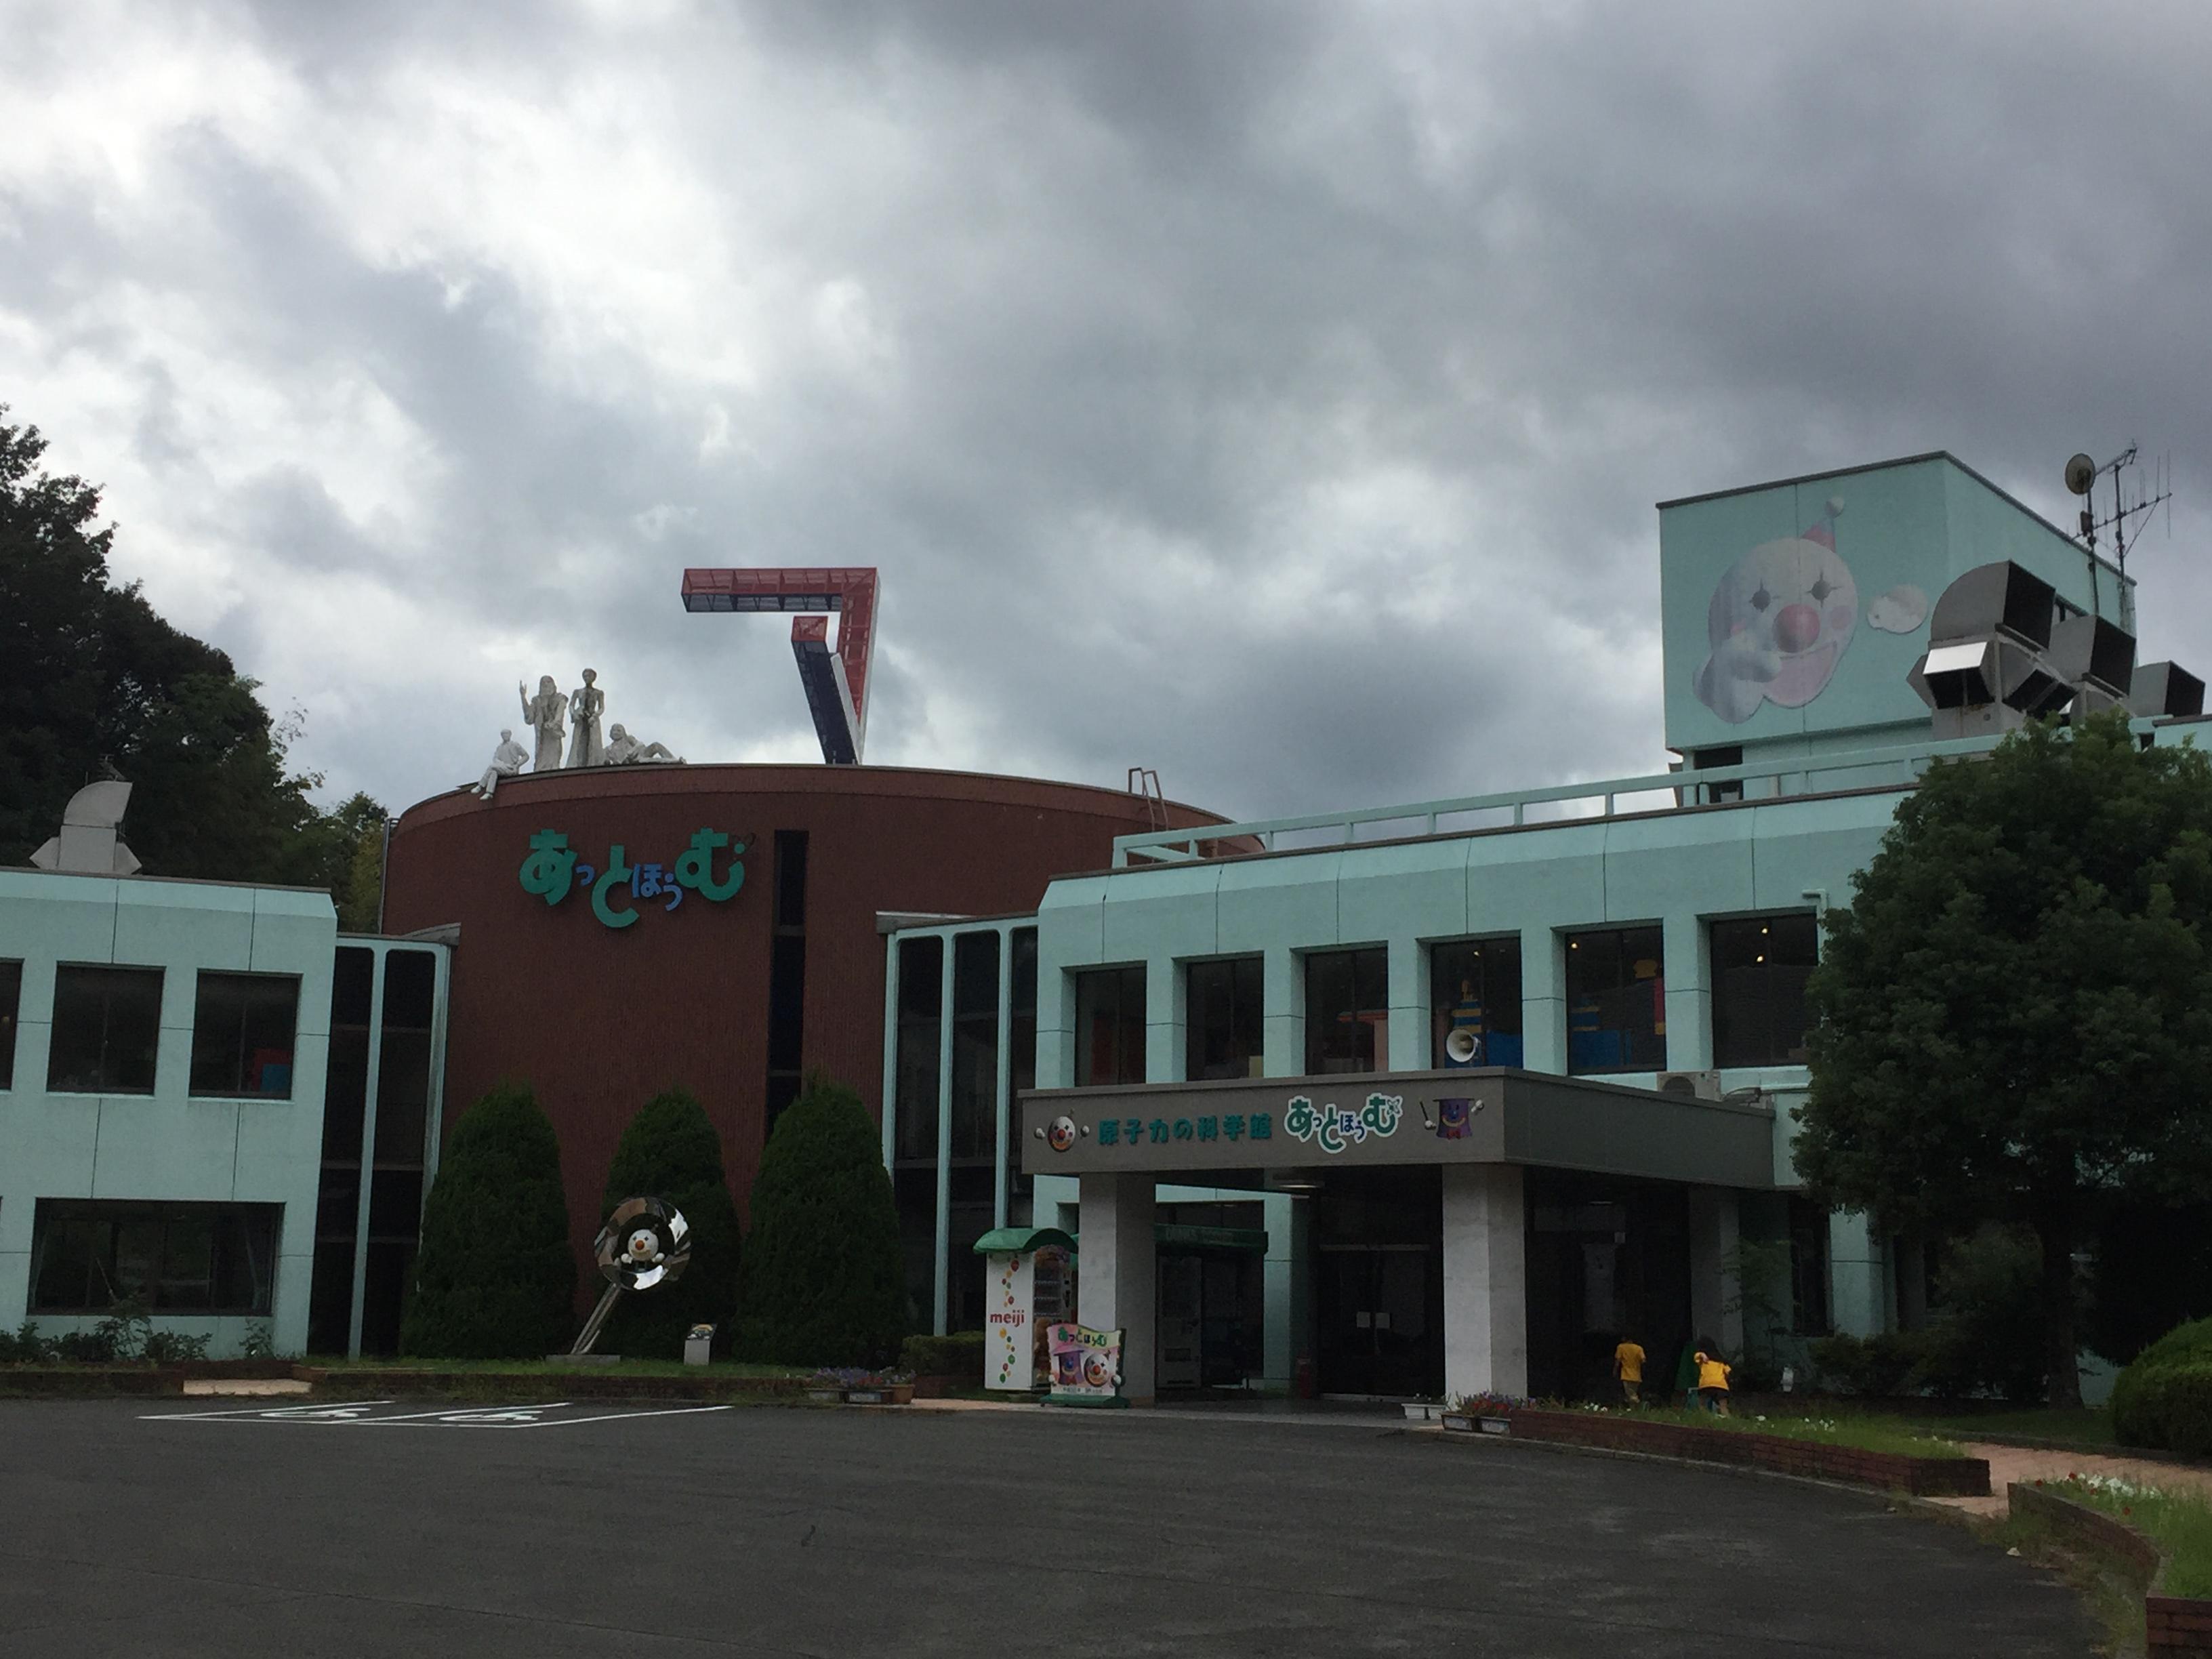 原子力の科学館 あっとほうむ(敦賀市)5/18~開館中。 2020.05.19時点(新型コロナウイルスの感染予防)